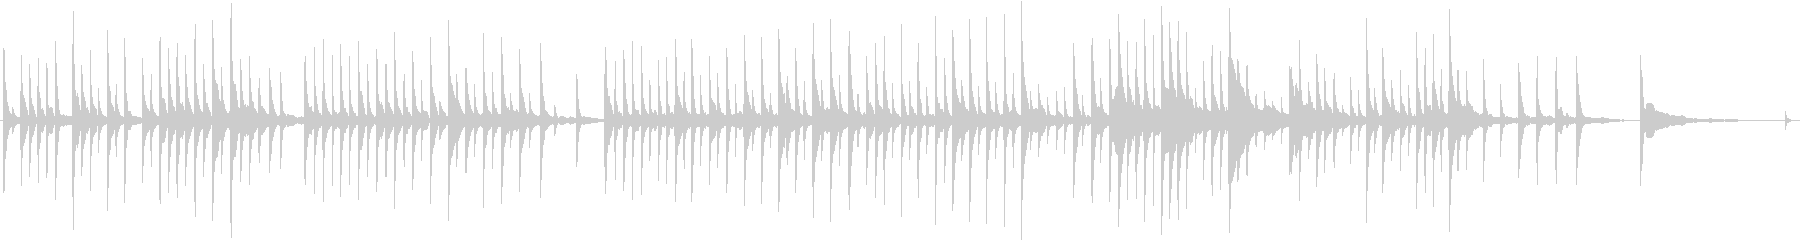 クリスマス 星 赤ちゃん ■ ピアノソロの未再生の波形